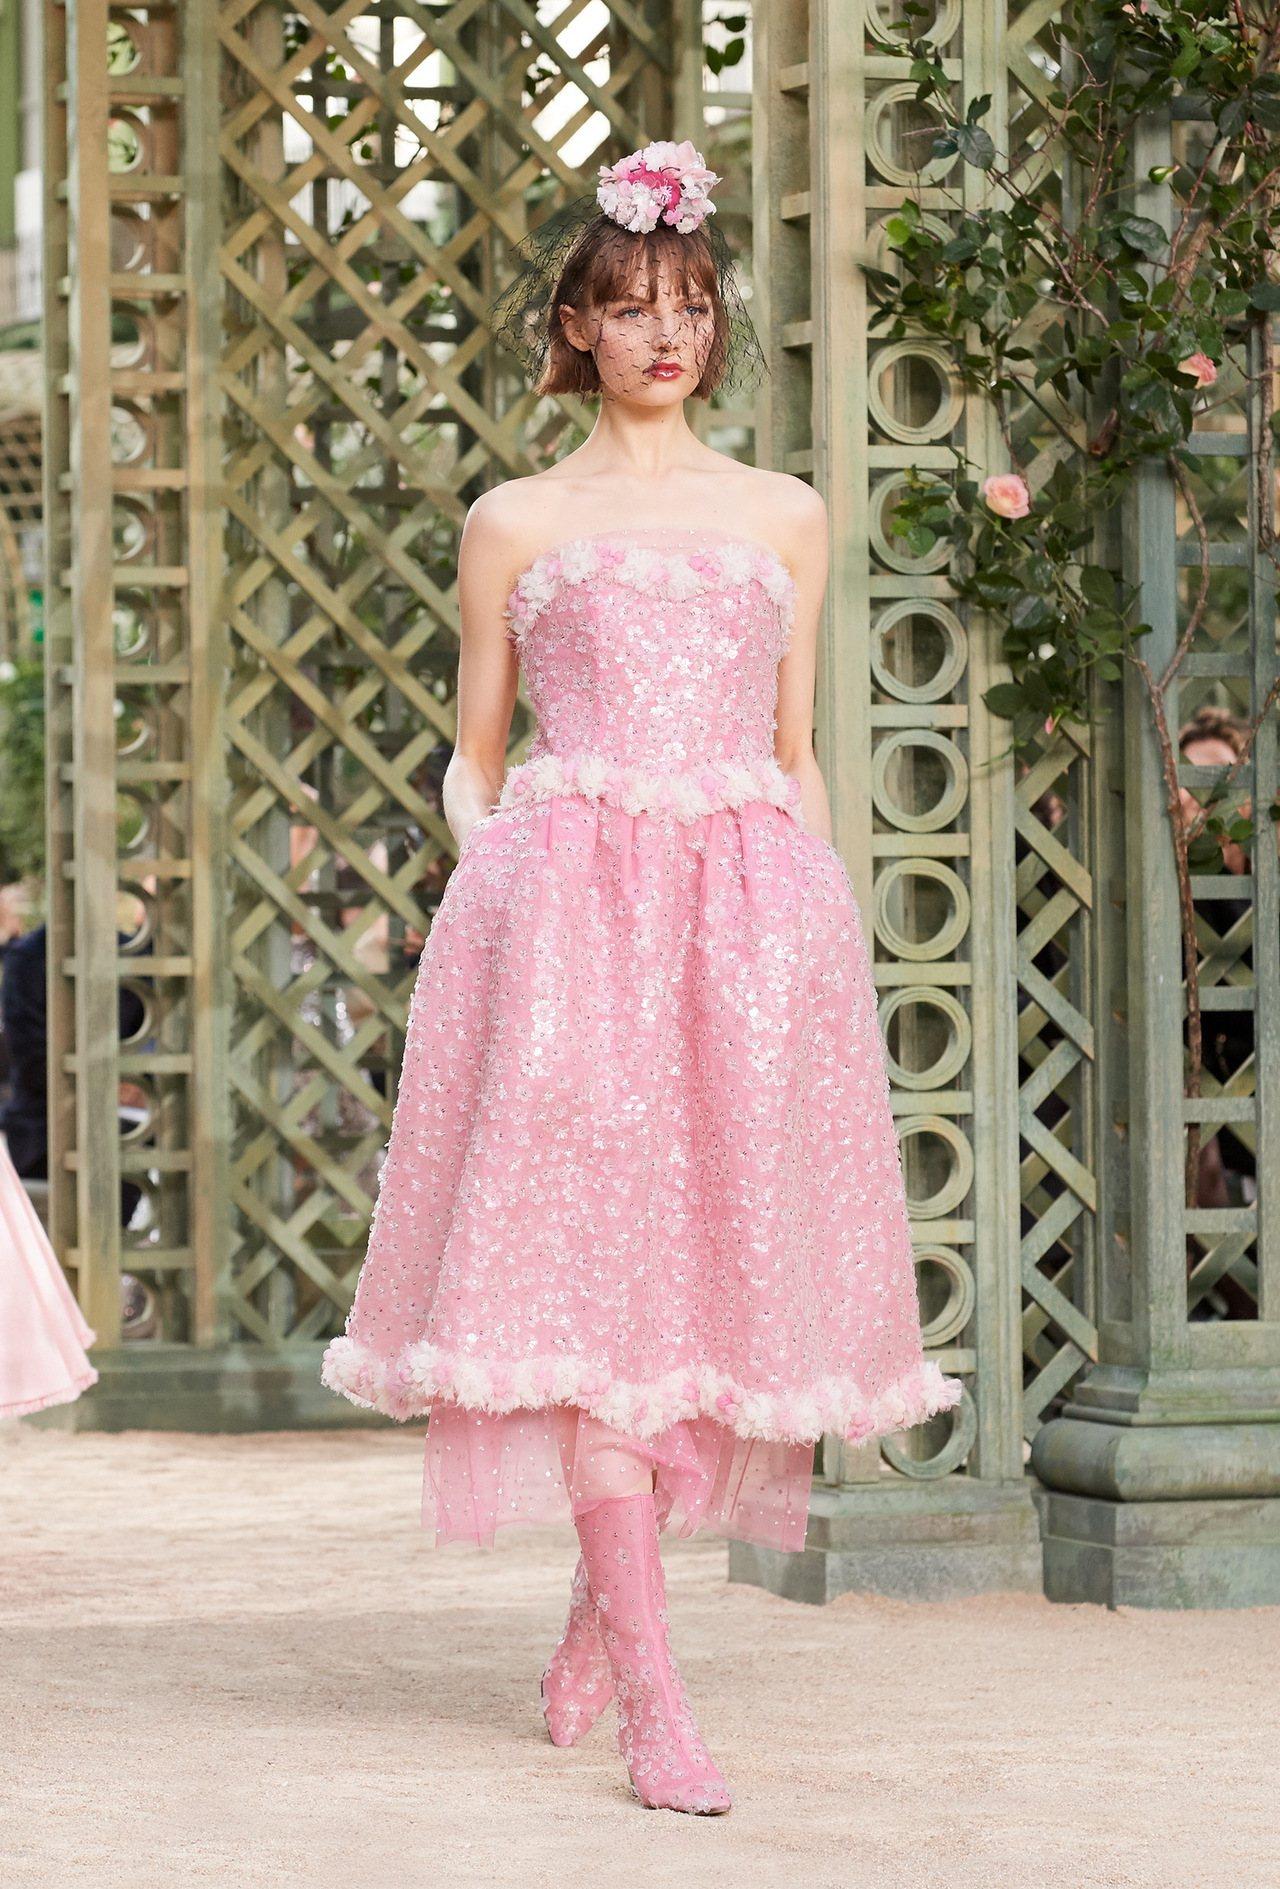 平口洋裝混搭立體的花朵、荷葉邊等細節設計,再度強調明媚春日氛圍。圖/香奈兒提供